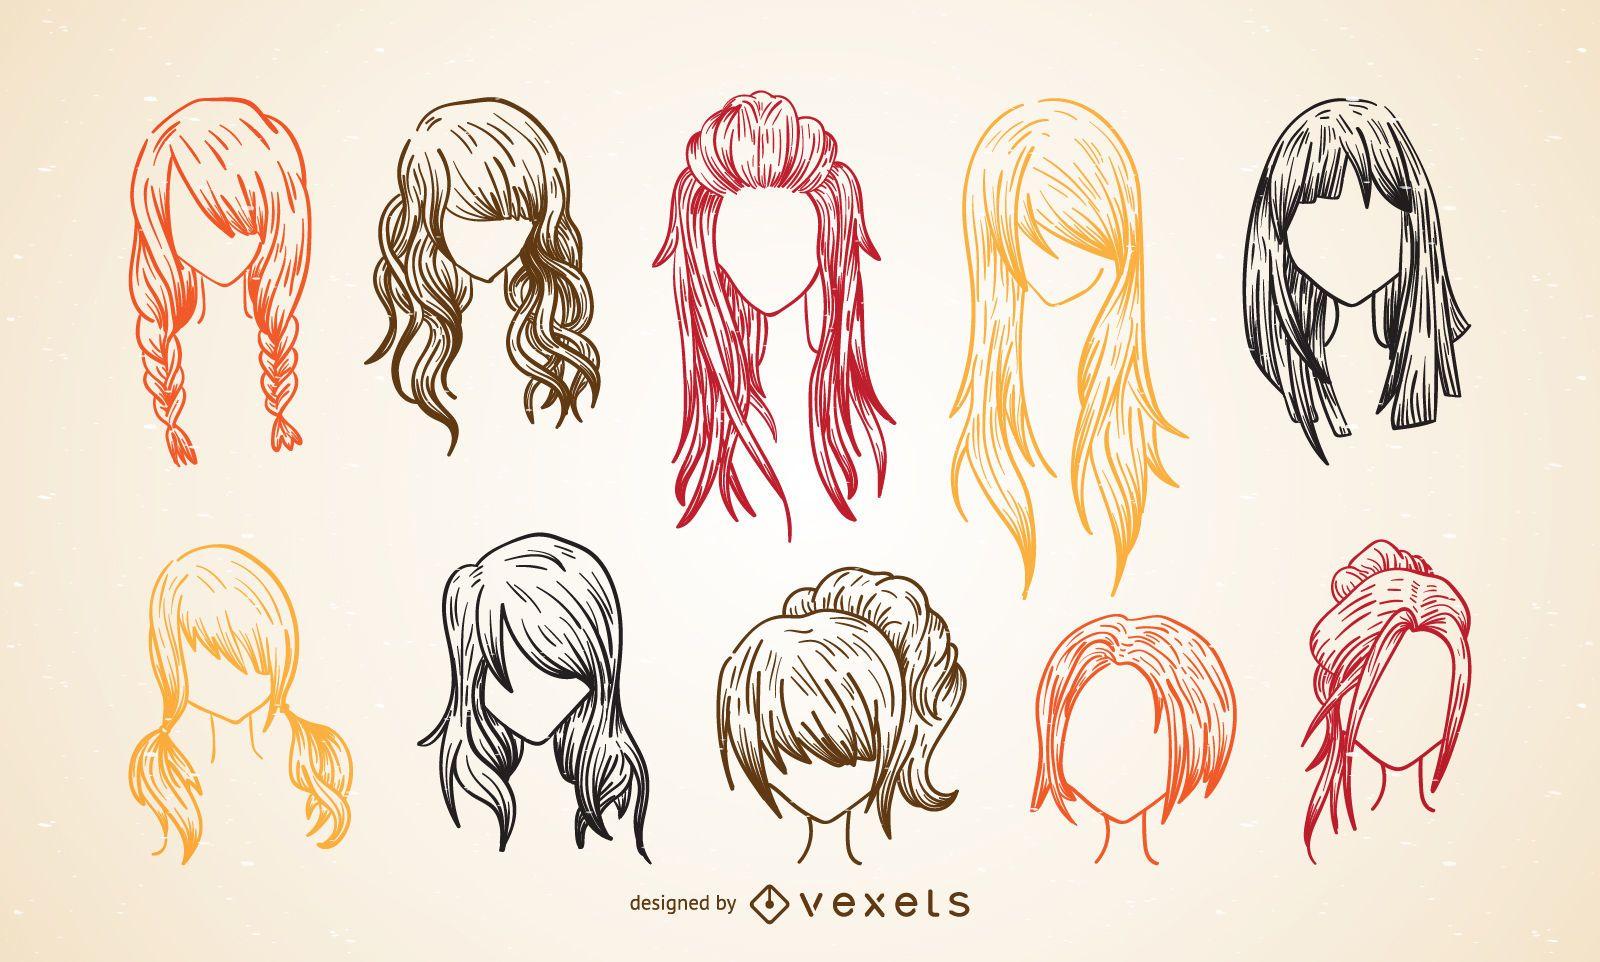 Colorful women haircut sketch set